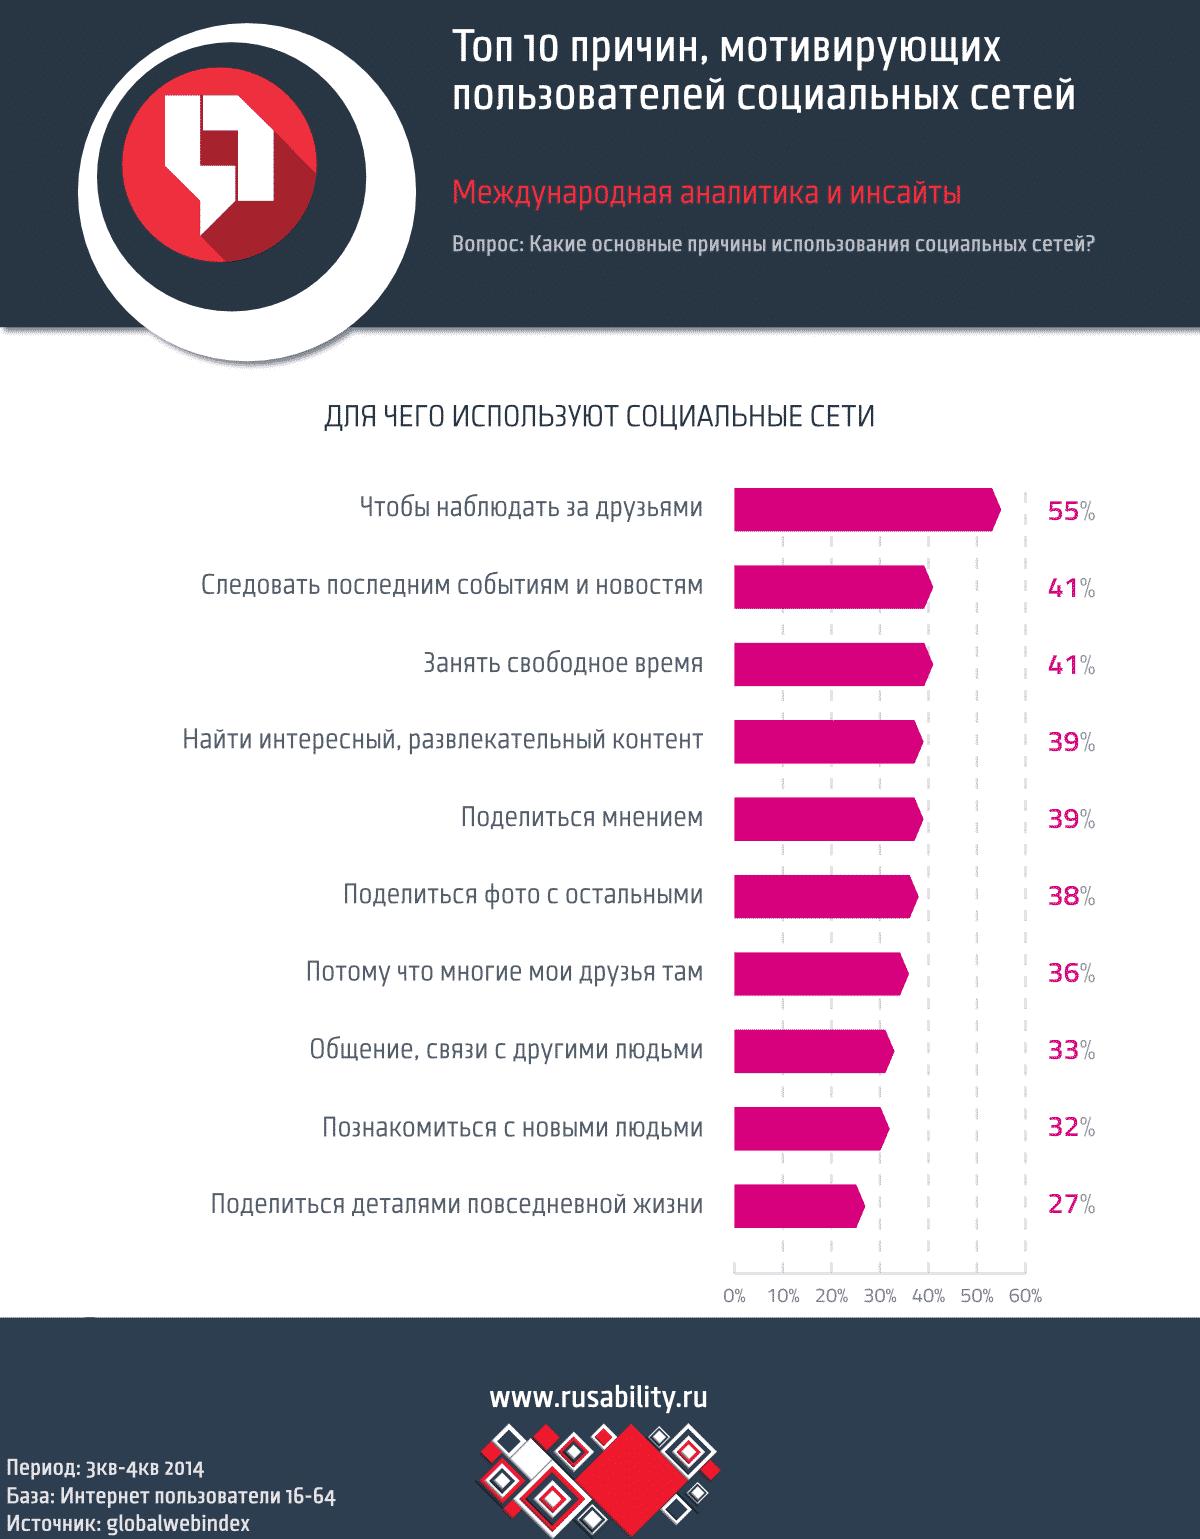 р_инсайт, р_аналитика, р_инфографика, соцсети, топ-10